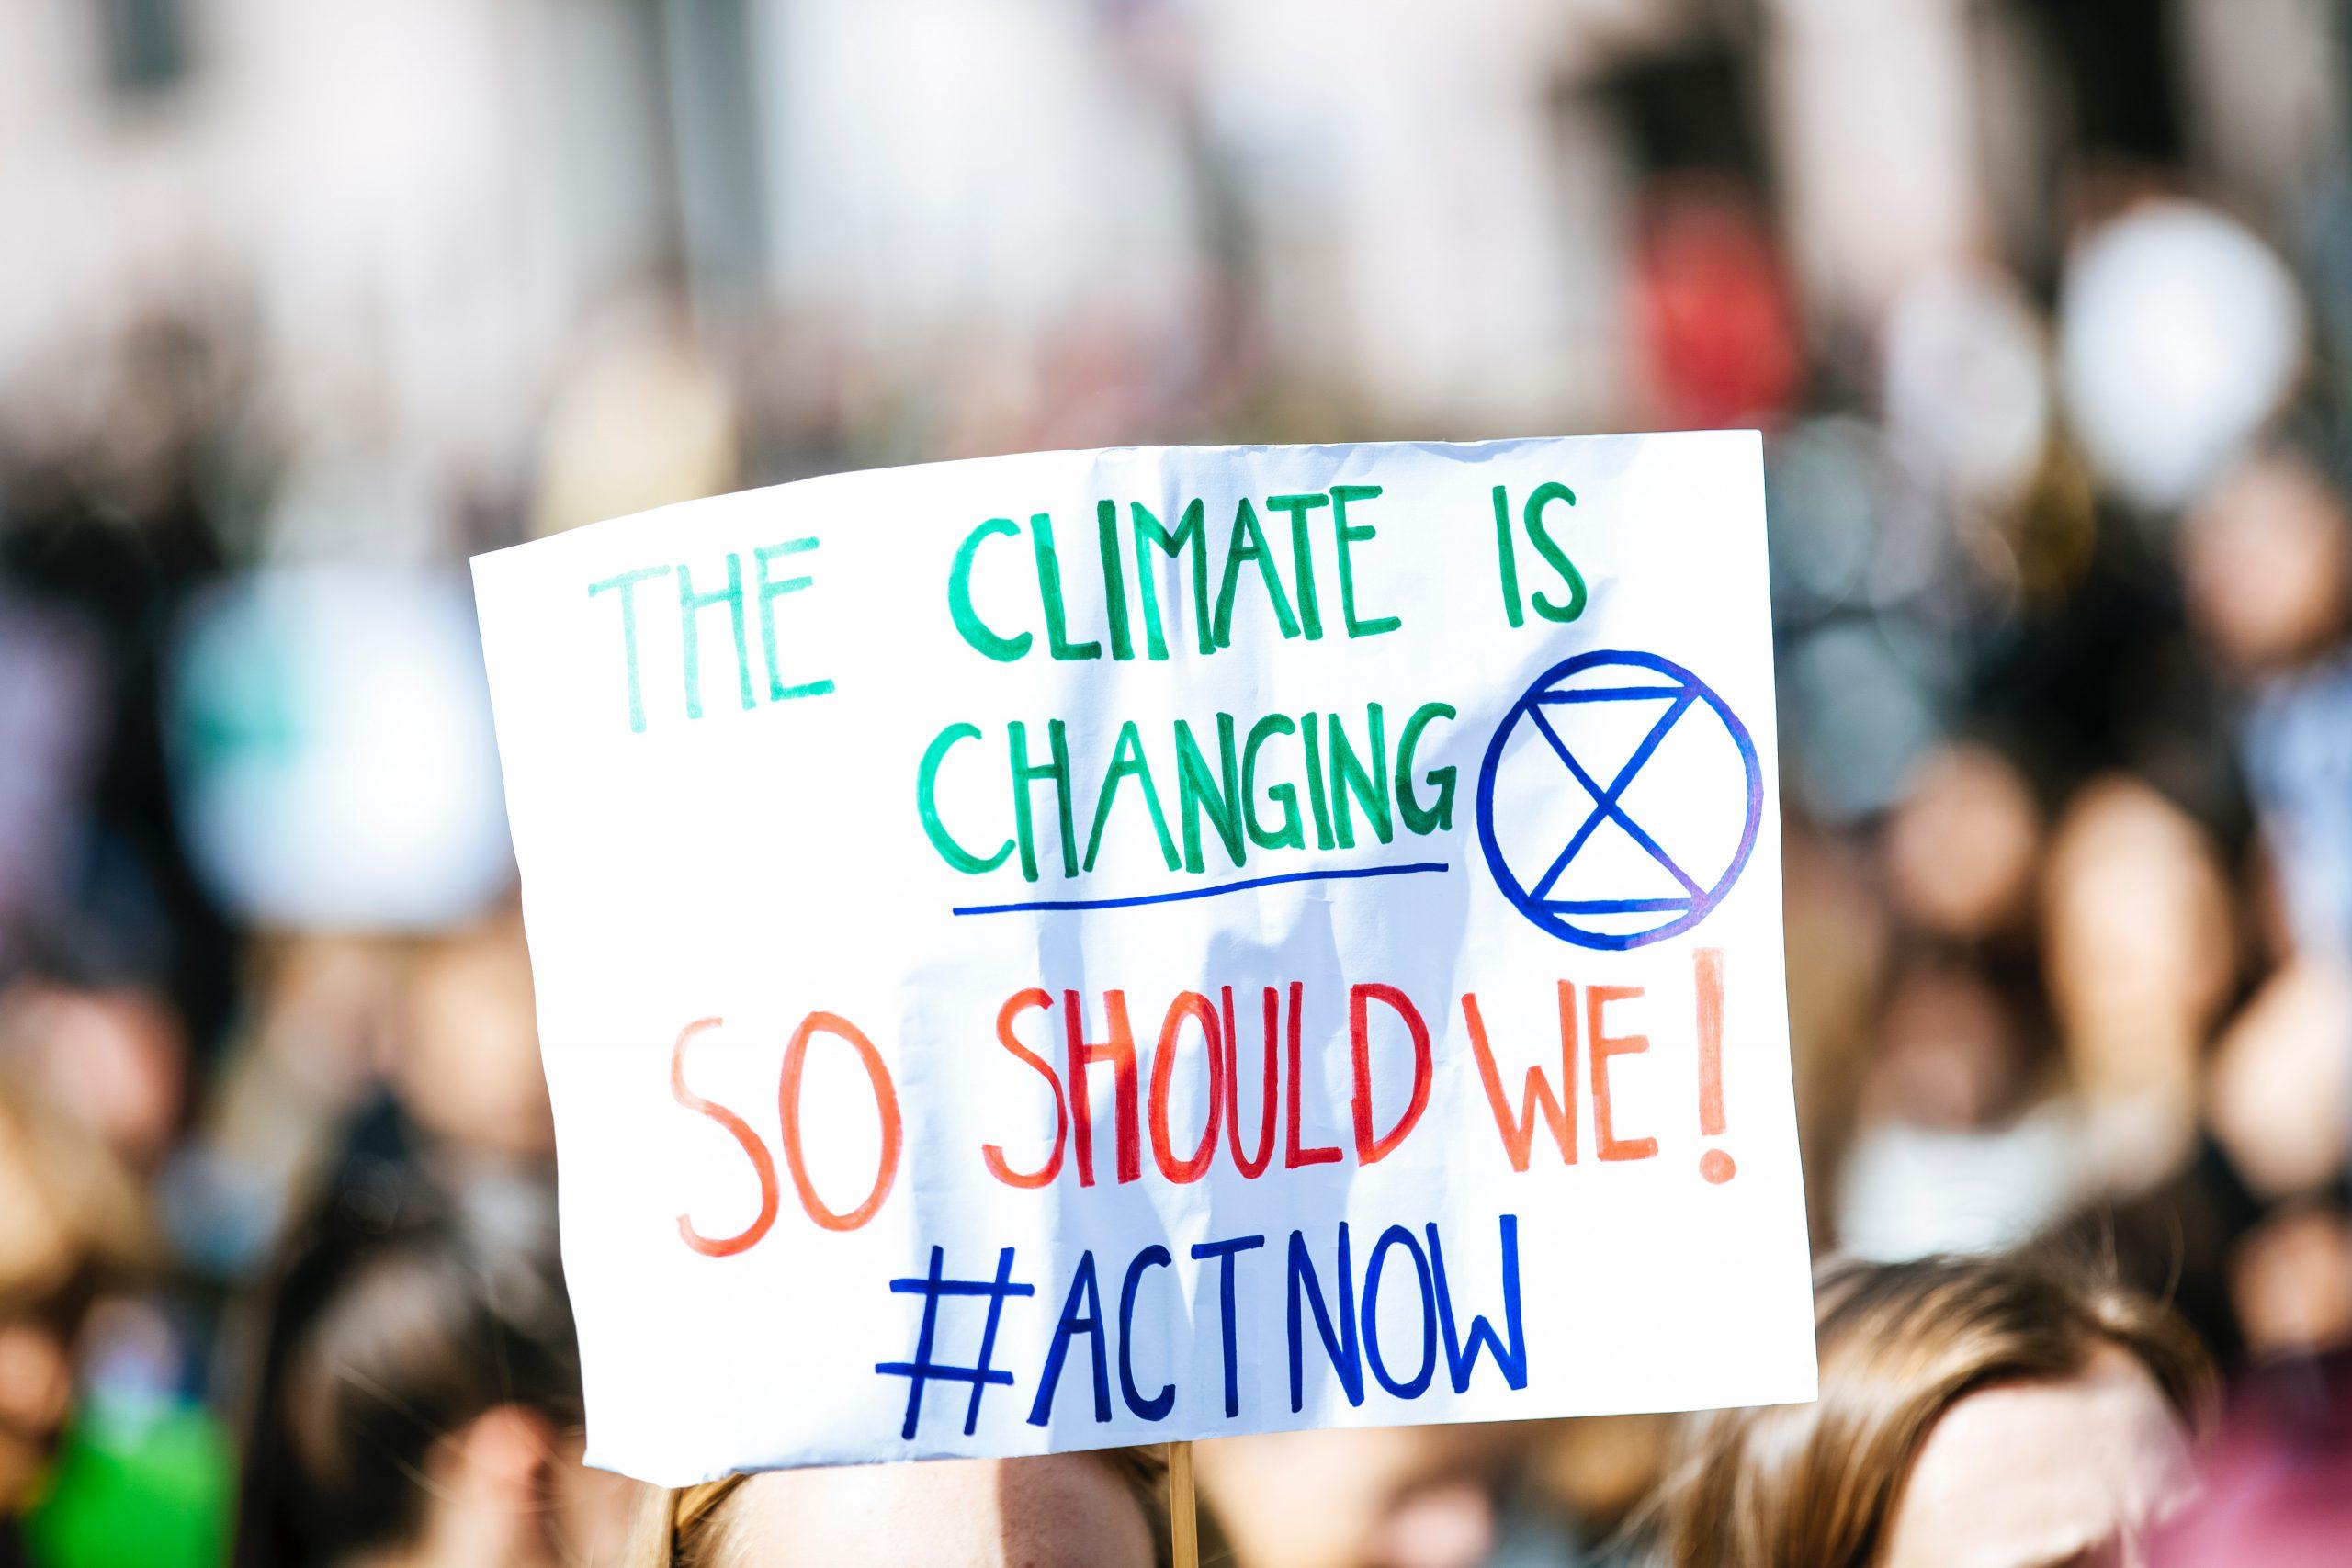 Hoe jij het woord over klimaatverandering kunt verspreiden